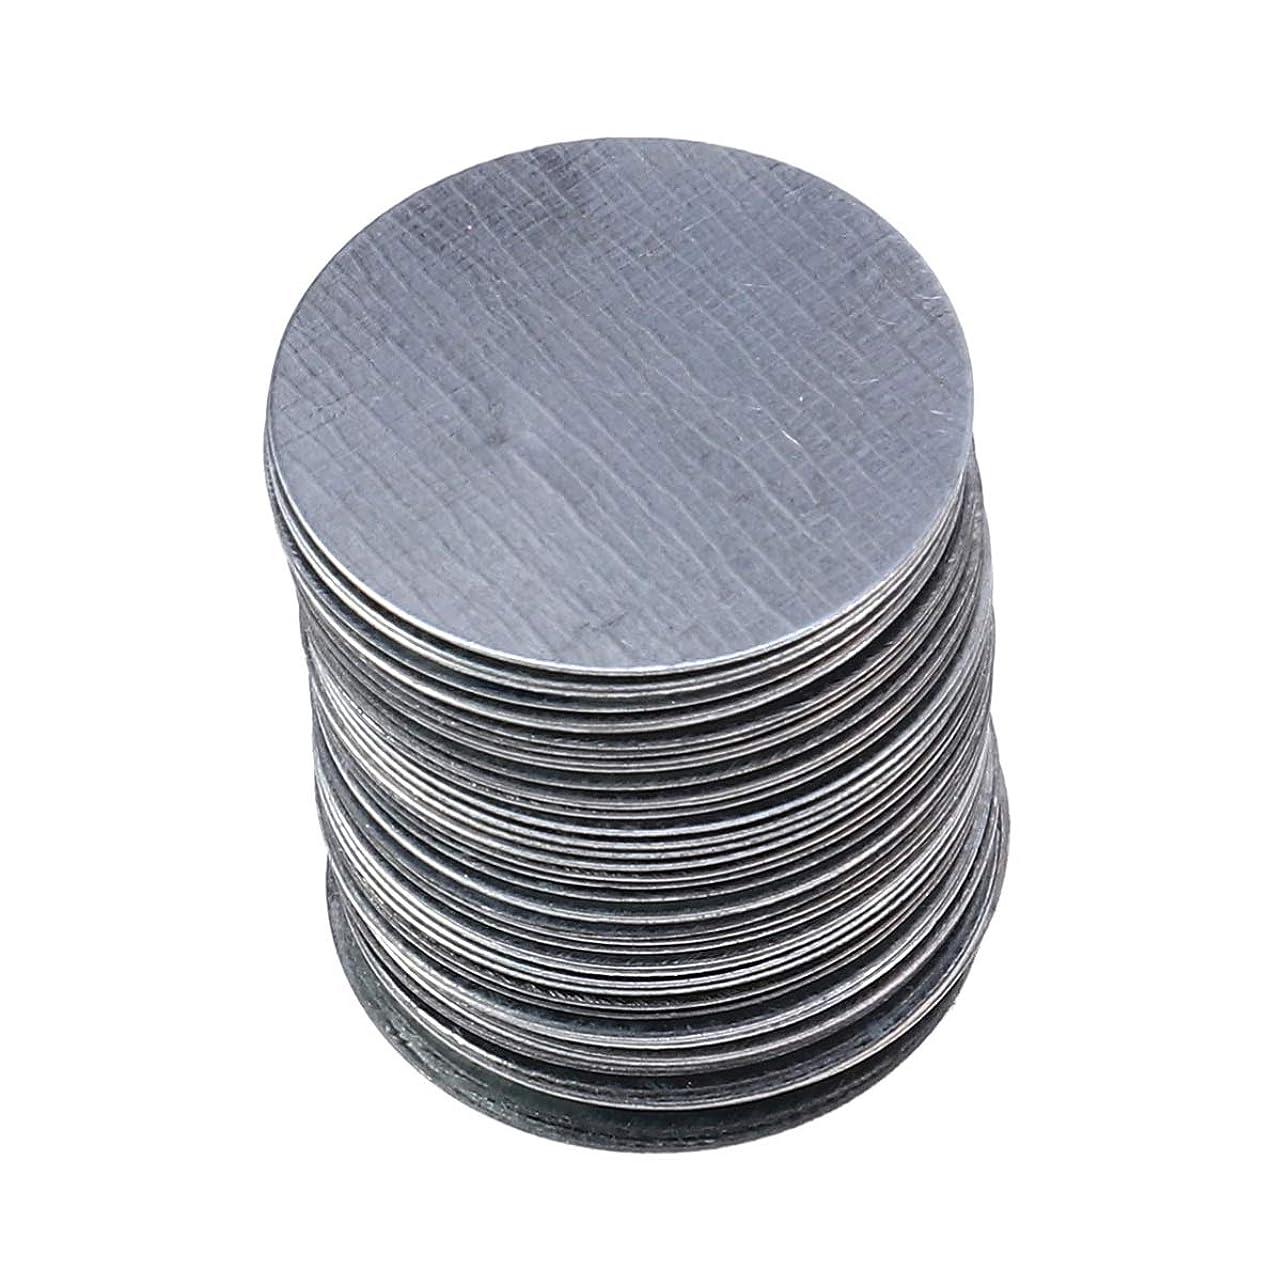 シェル人気の弾丸Lurrose 非磁気アイシャドウパンメイクアップパレットの使用のための100ピースラウンド金属ステッカー